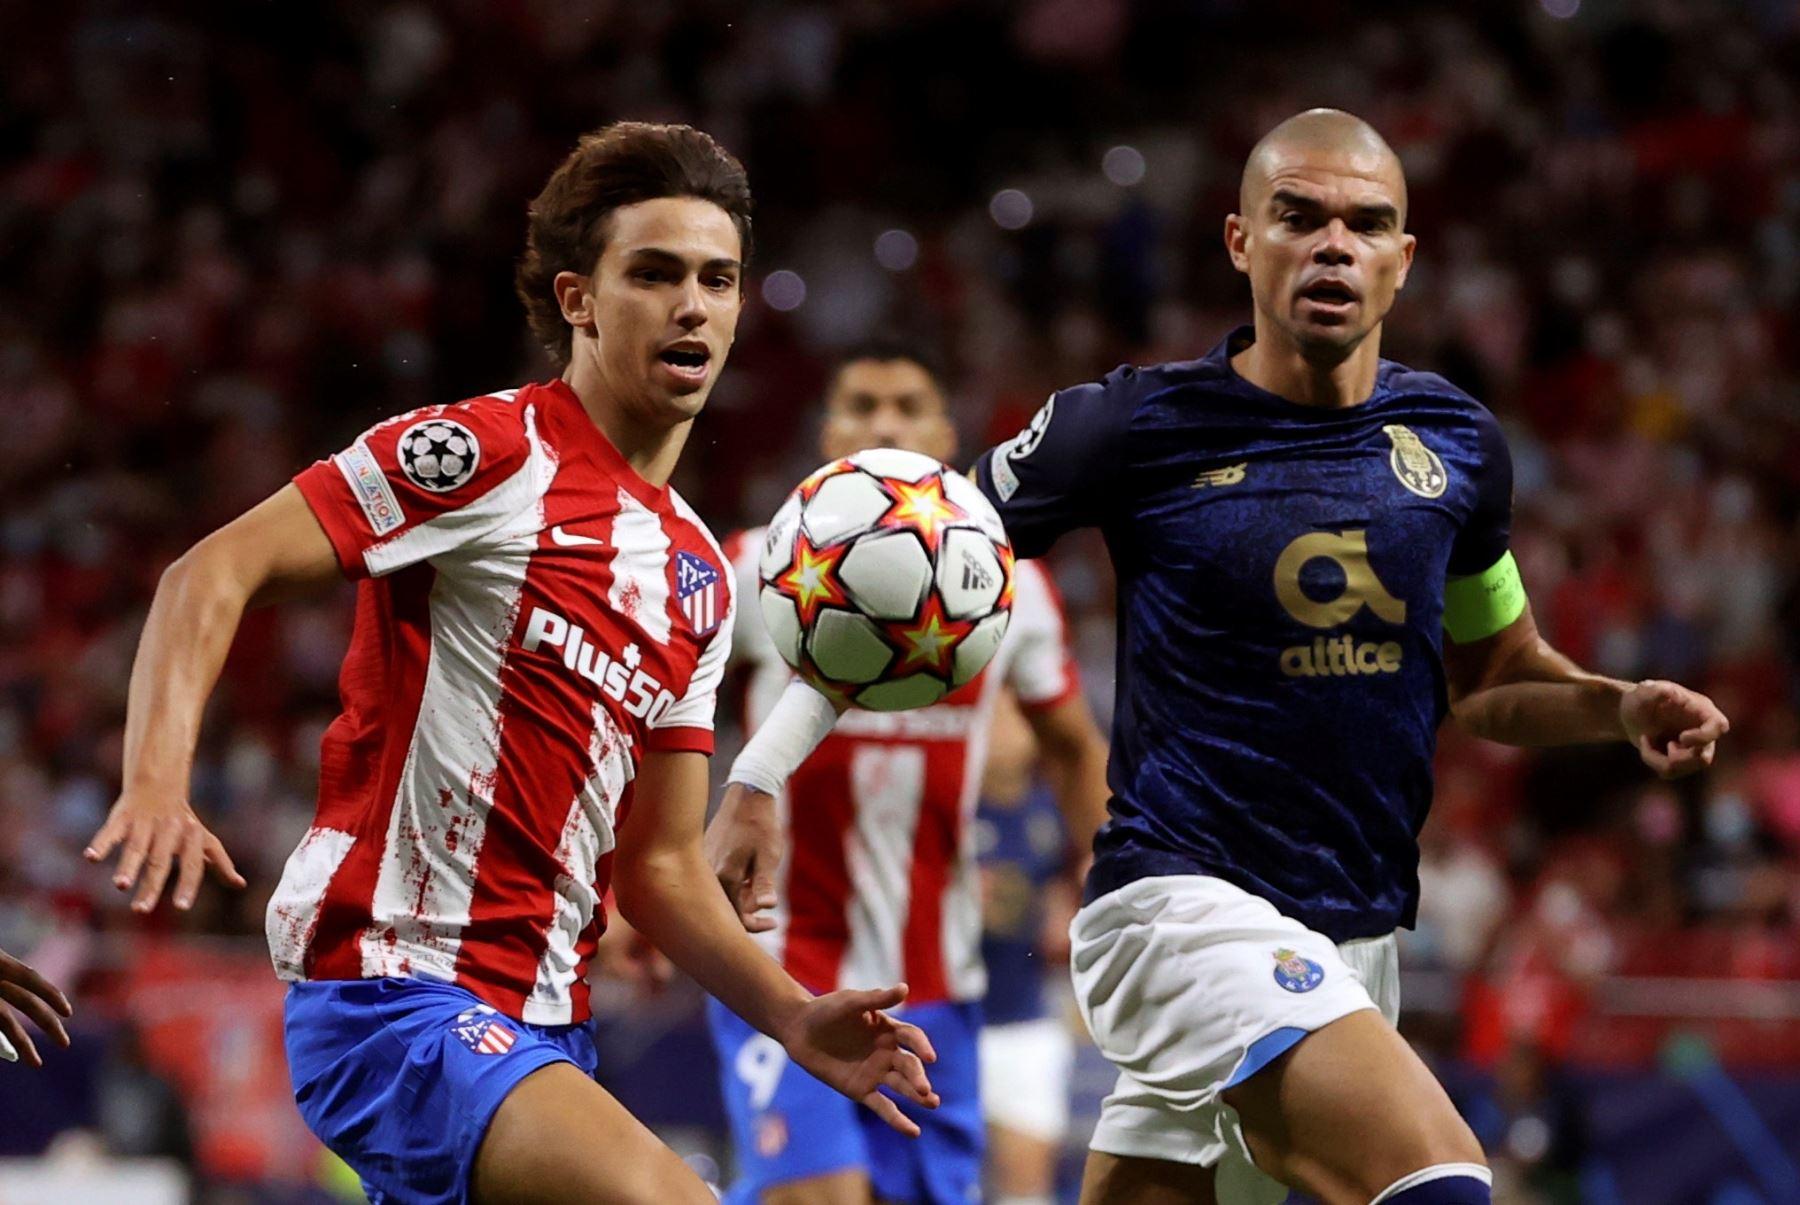 El delantero Atlético de Madrid Joao Félix pelea un balón con Pepe, del Oporto, durante el partido de la primera jornada de la fase de grupos de la Liga de Campeones. EFE/Juanjo Martín